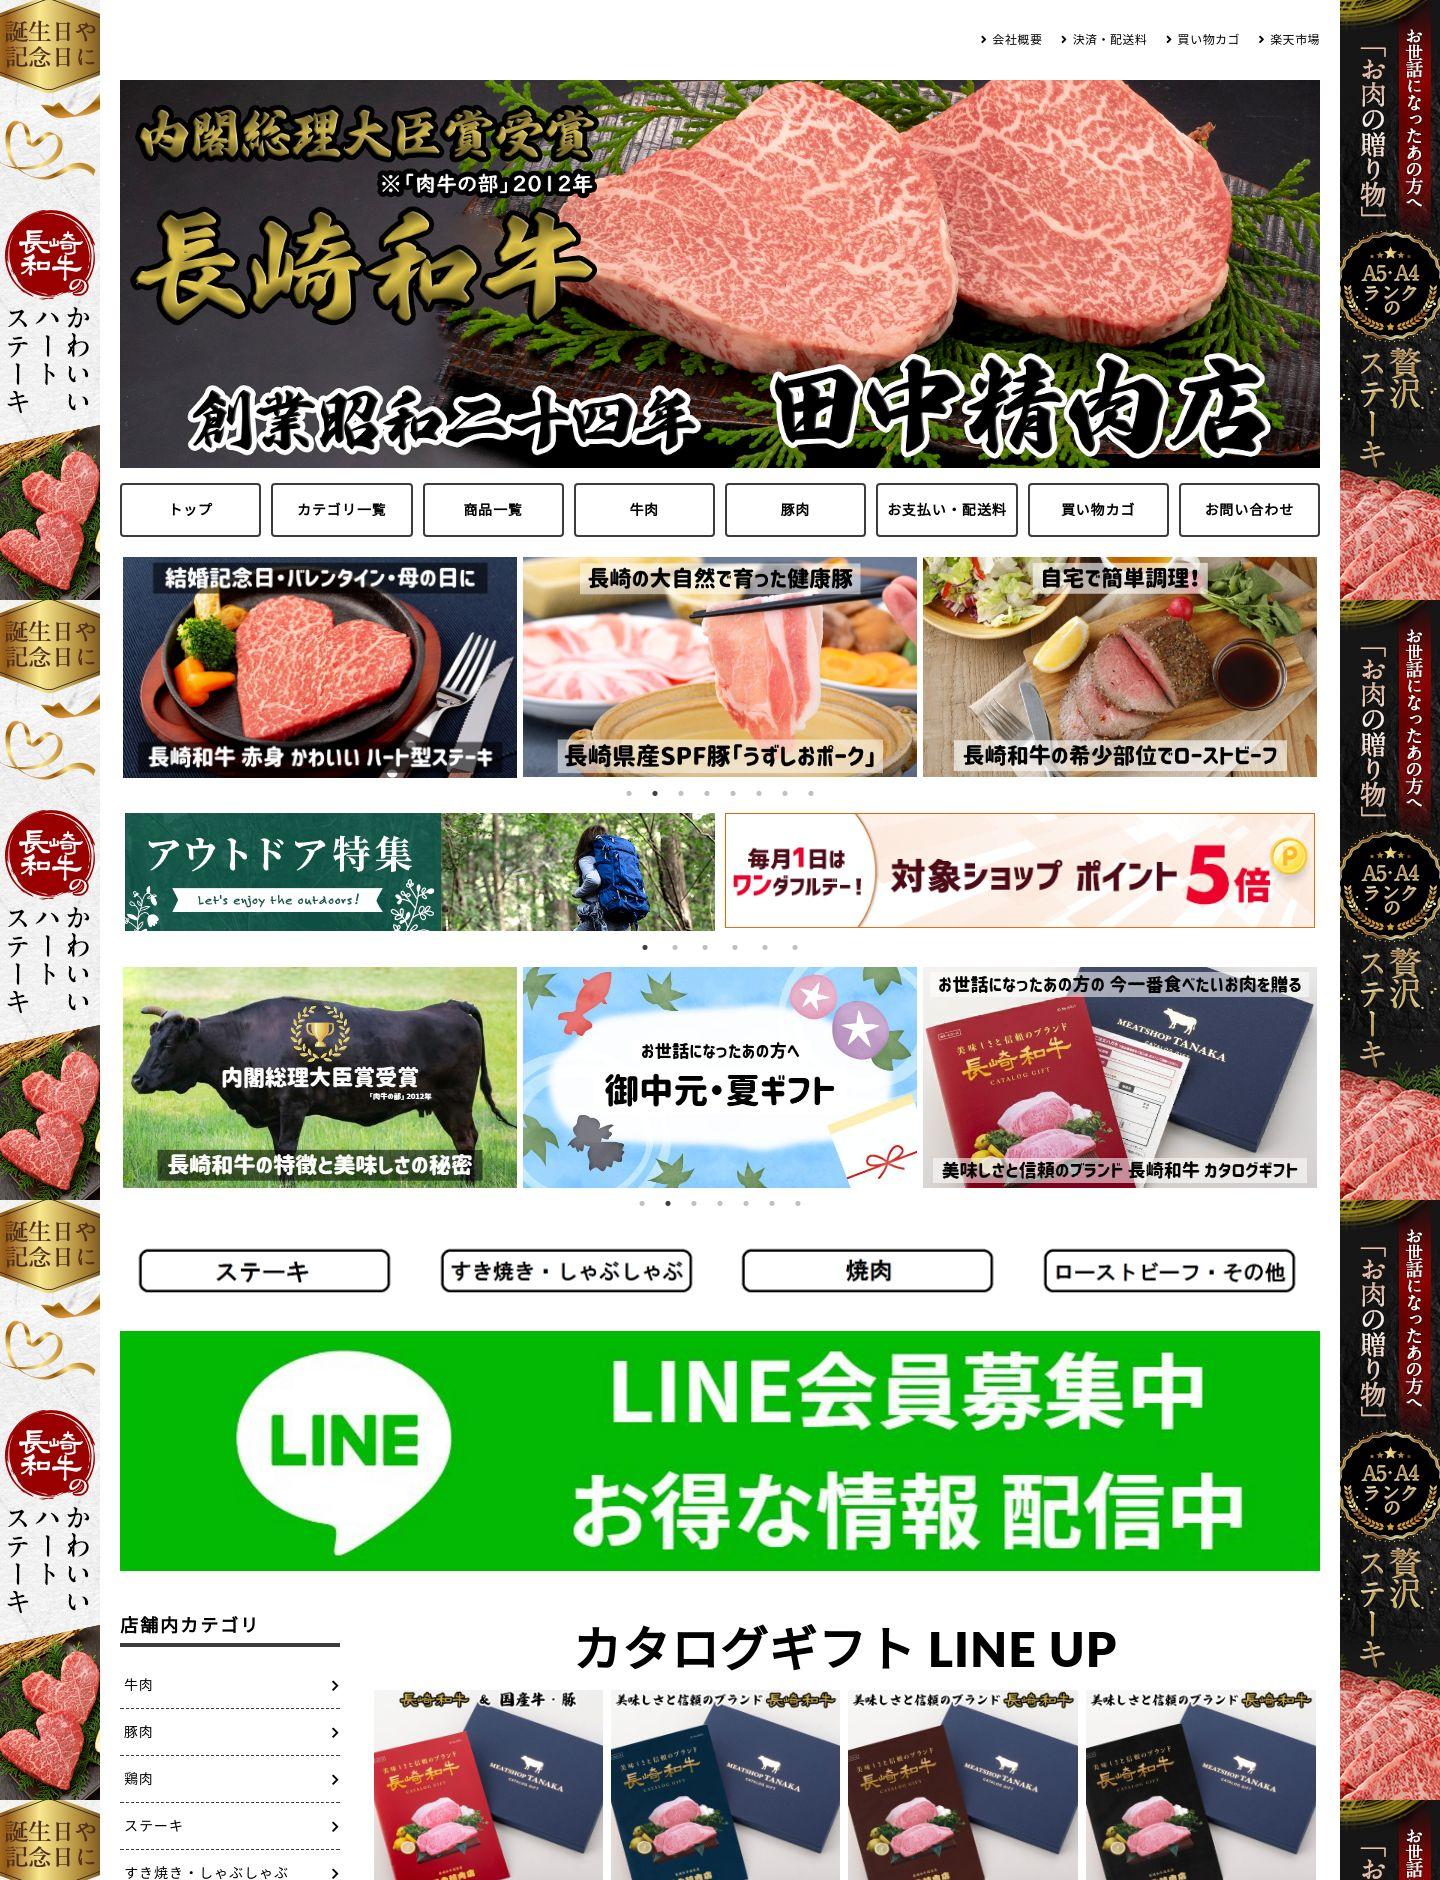 長崎和牛通販 田中精肉店様 サイト画像